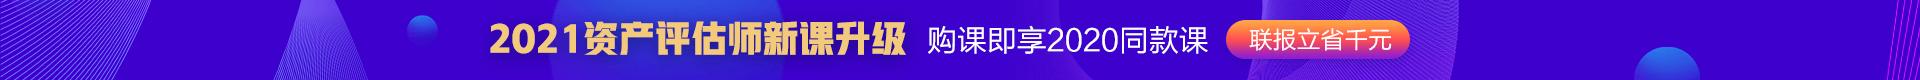 资产评估师培训网站